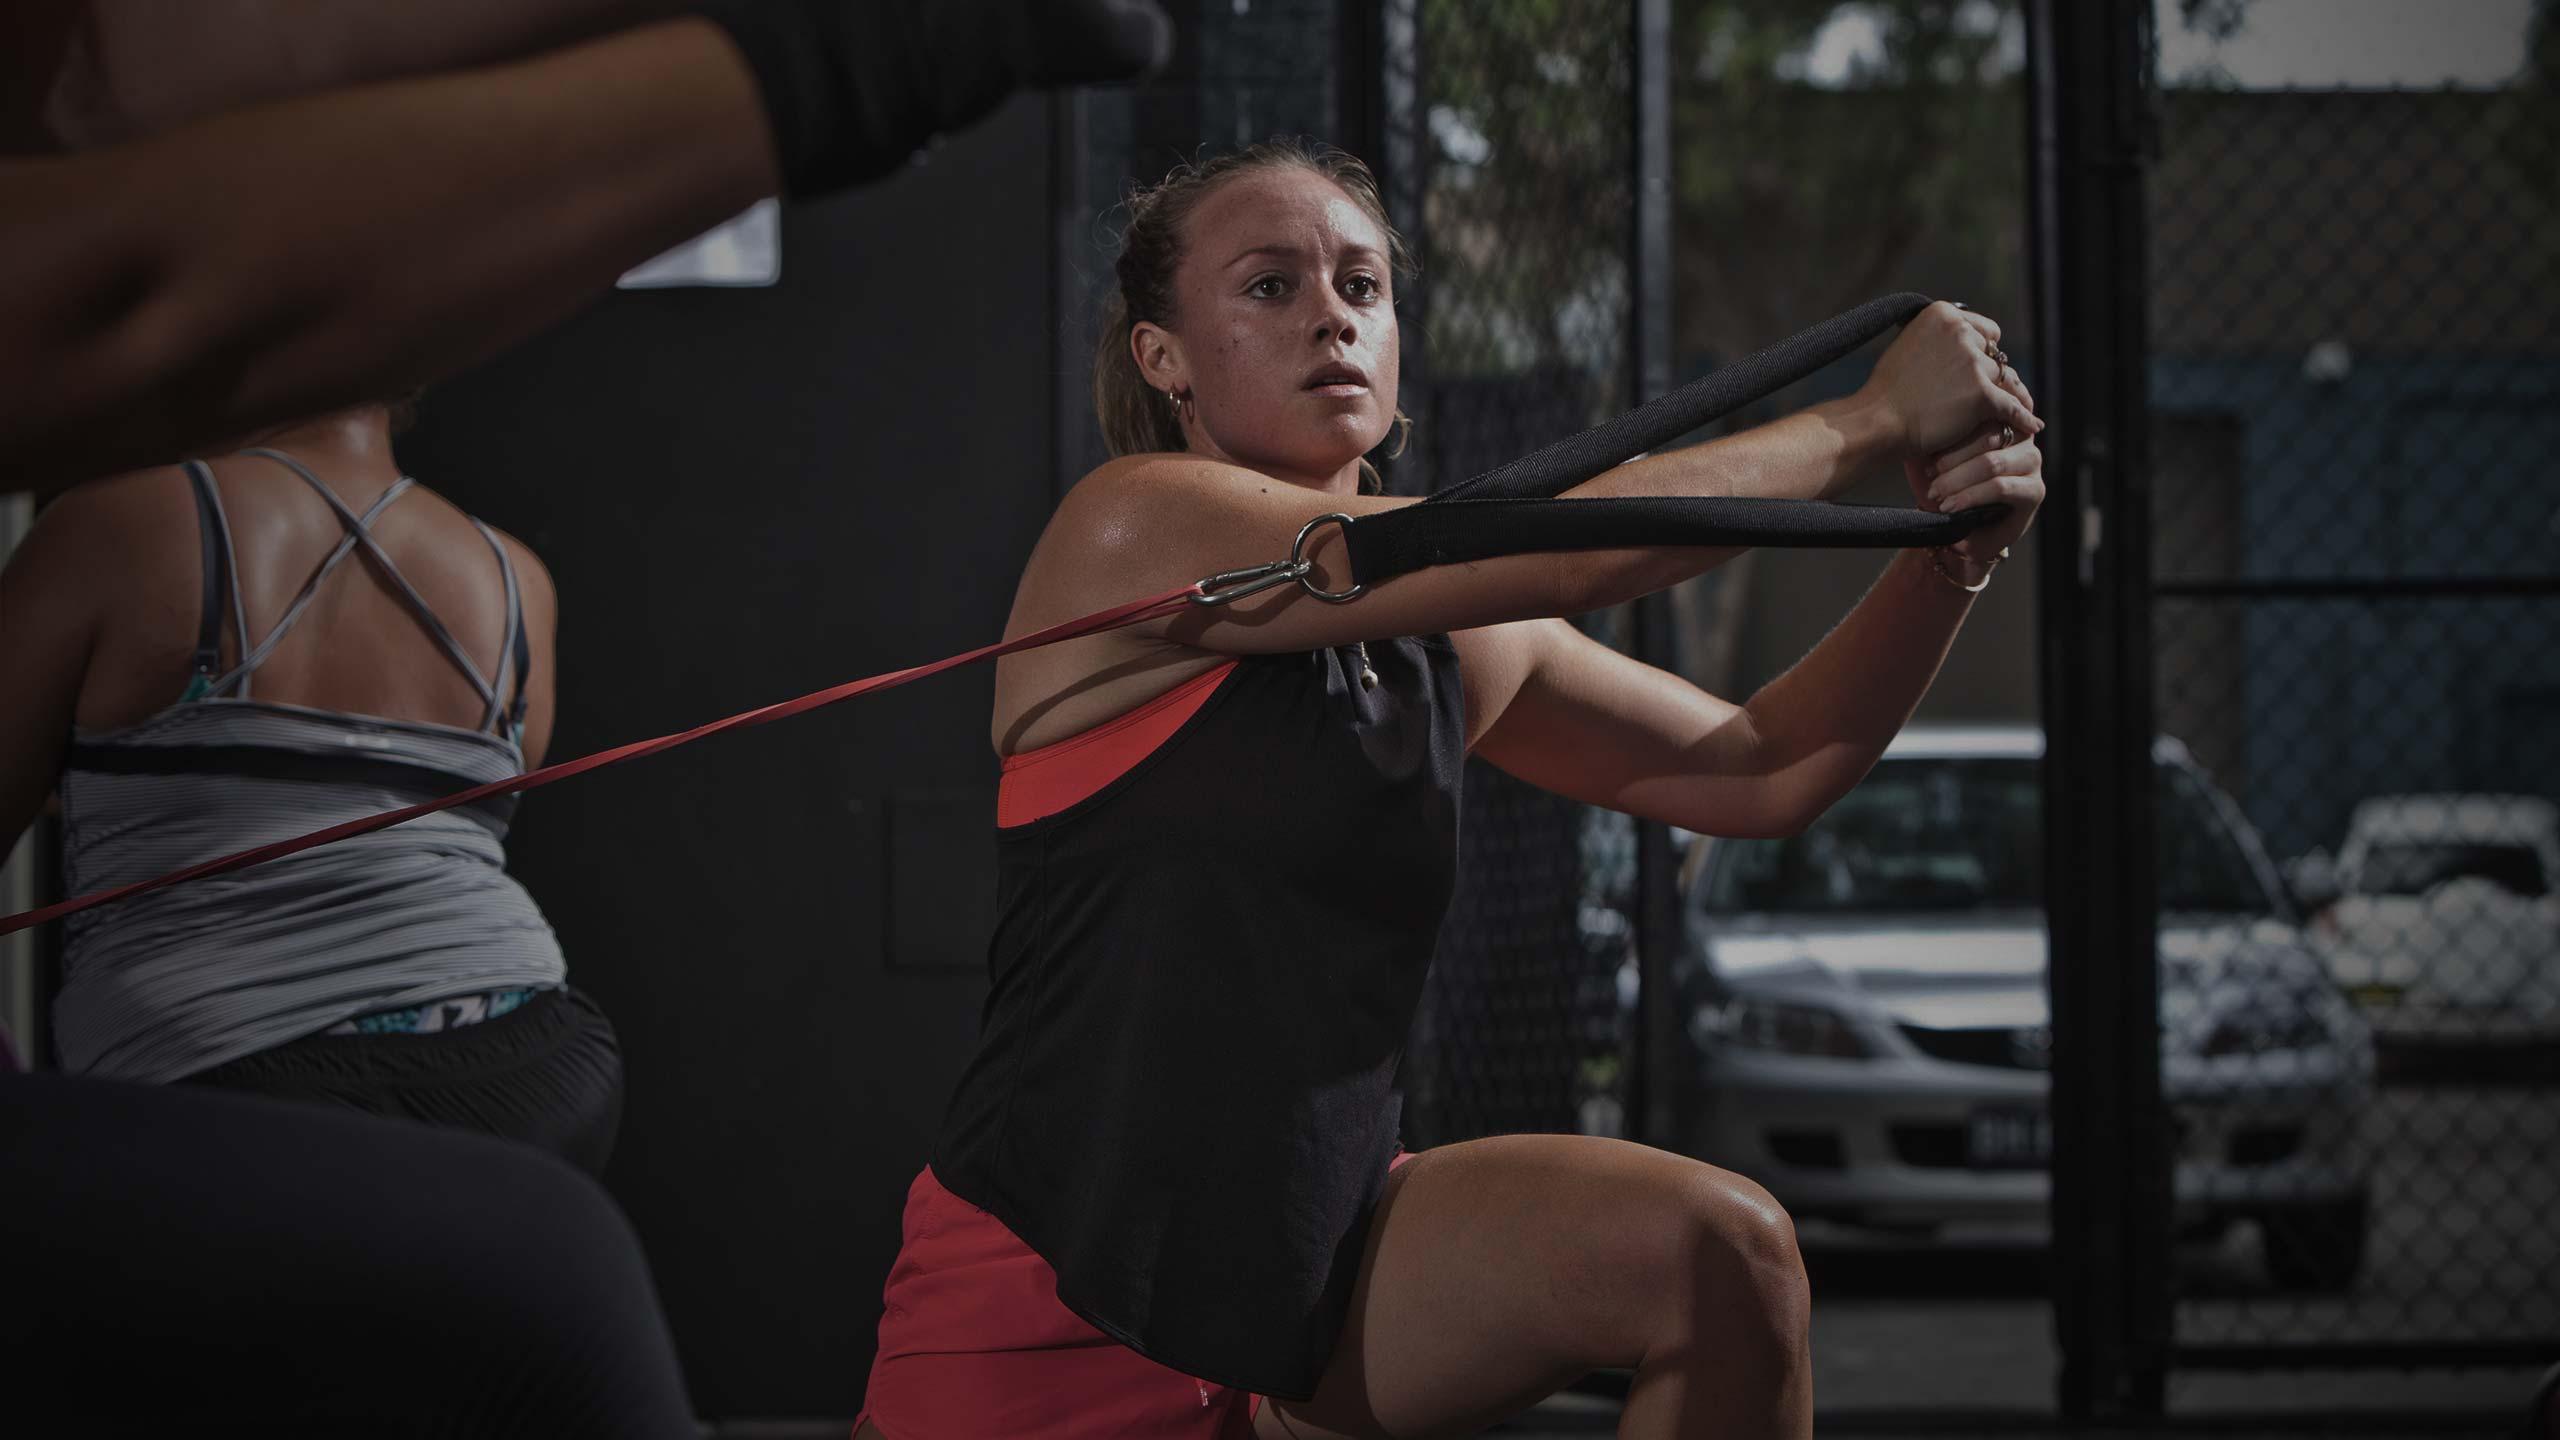 female athlete training in vale tudo super saturday session